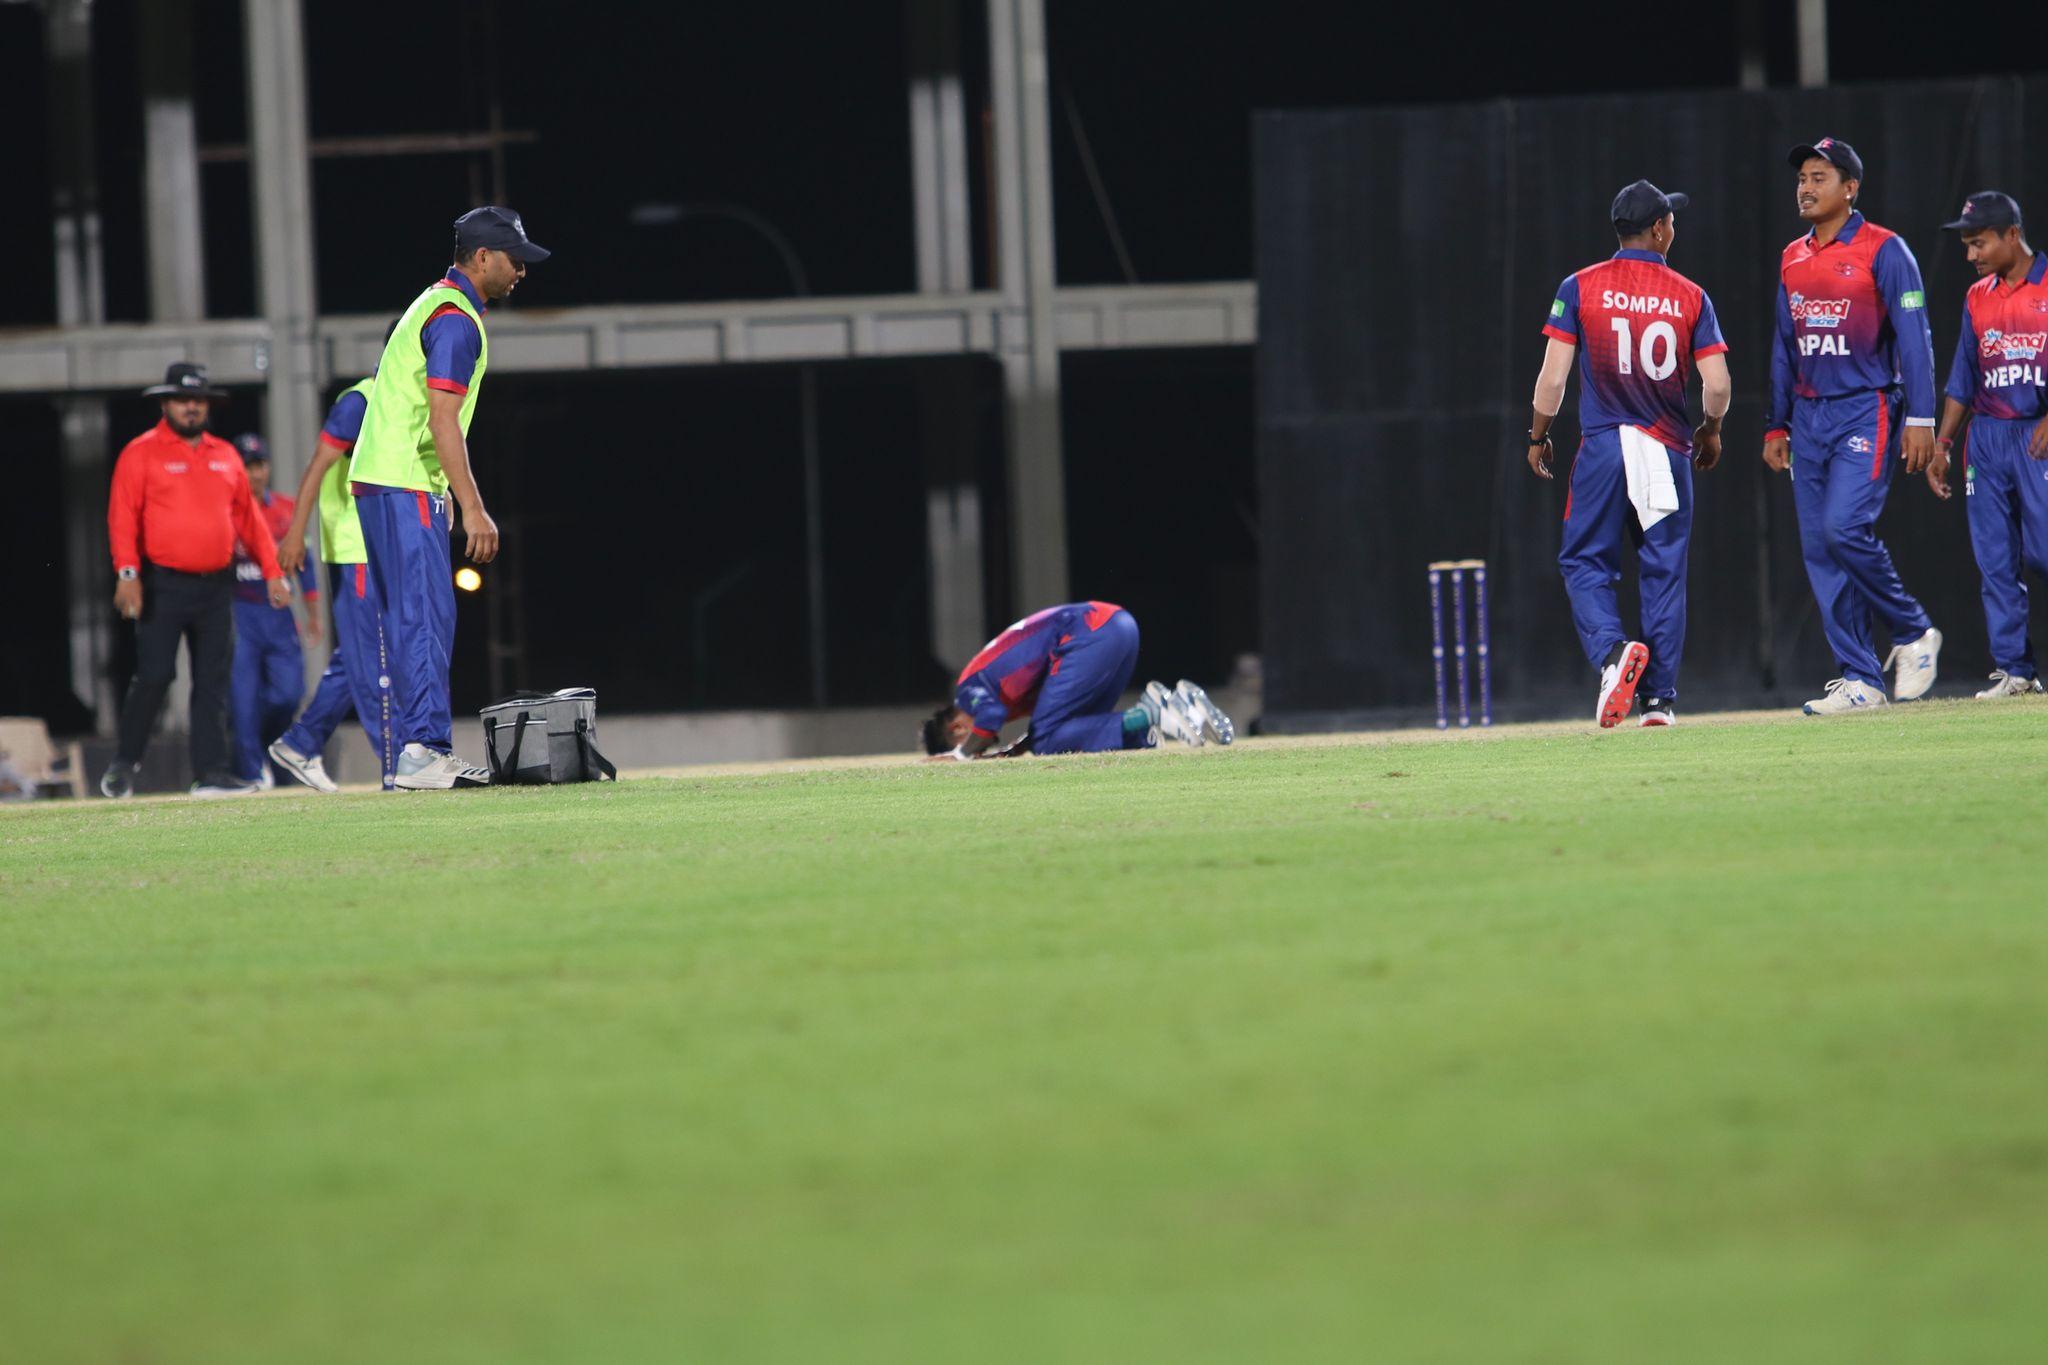 सन्दिप लामिछाने 'द हन्ड्रेड' क्रिकेट खेल्न आज राती बेलायत जाँदै